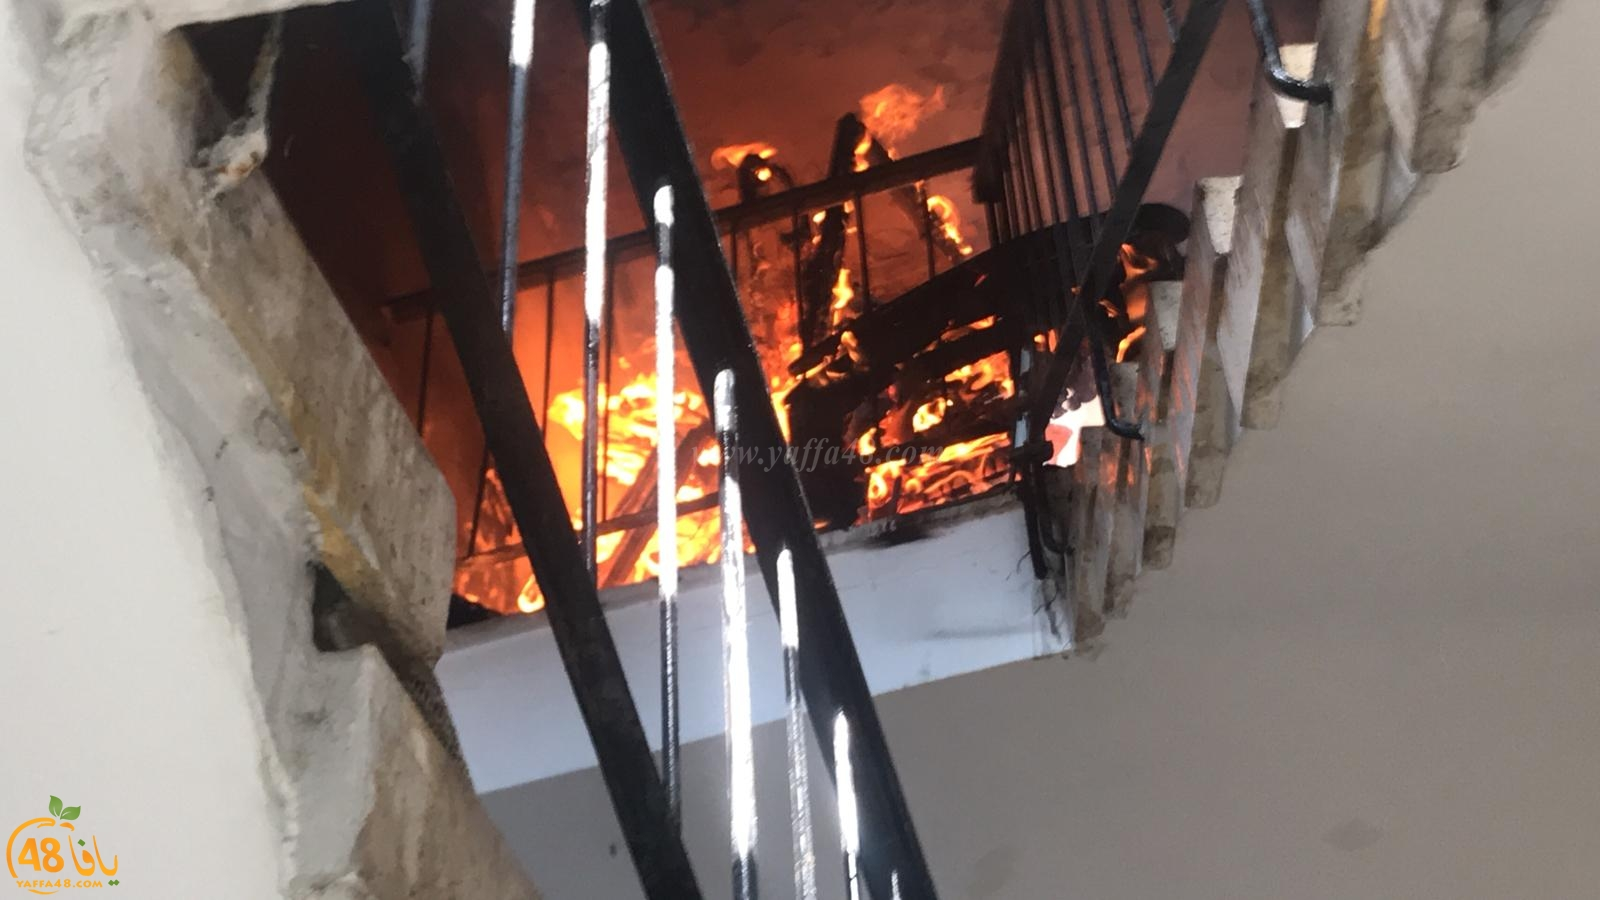 بالفيديو: حريق على سطح احد المباني بيافا دون وقوع اصابات